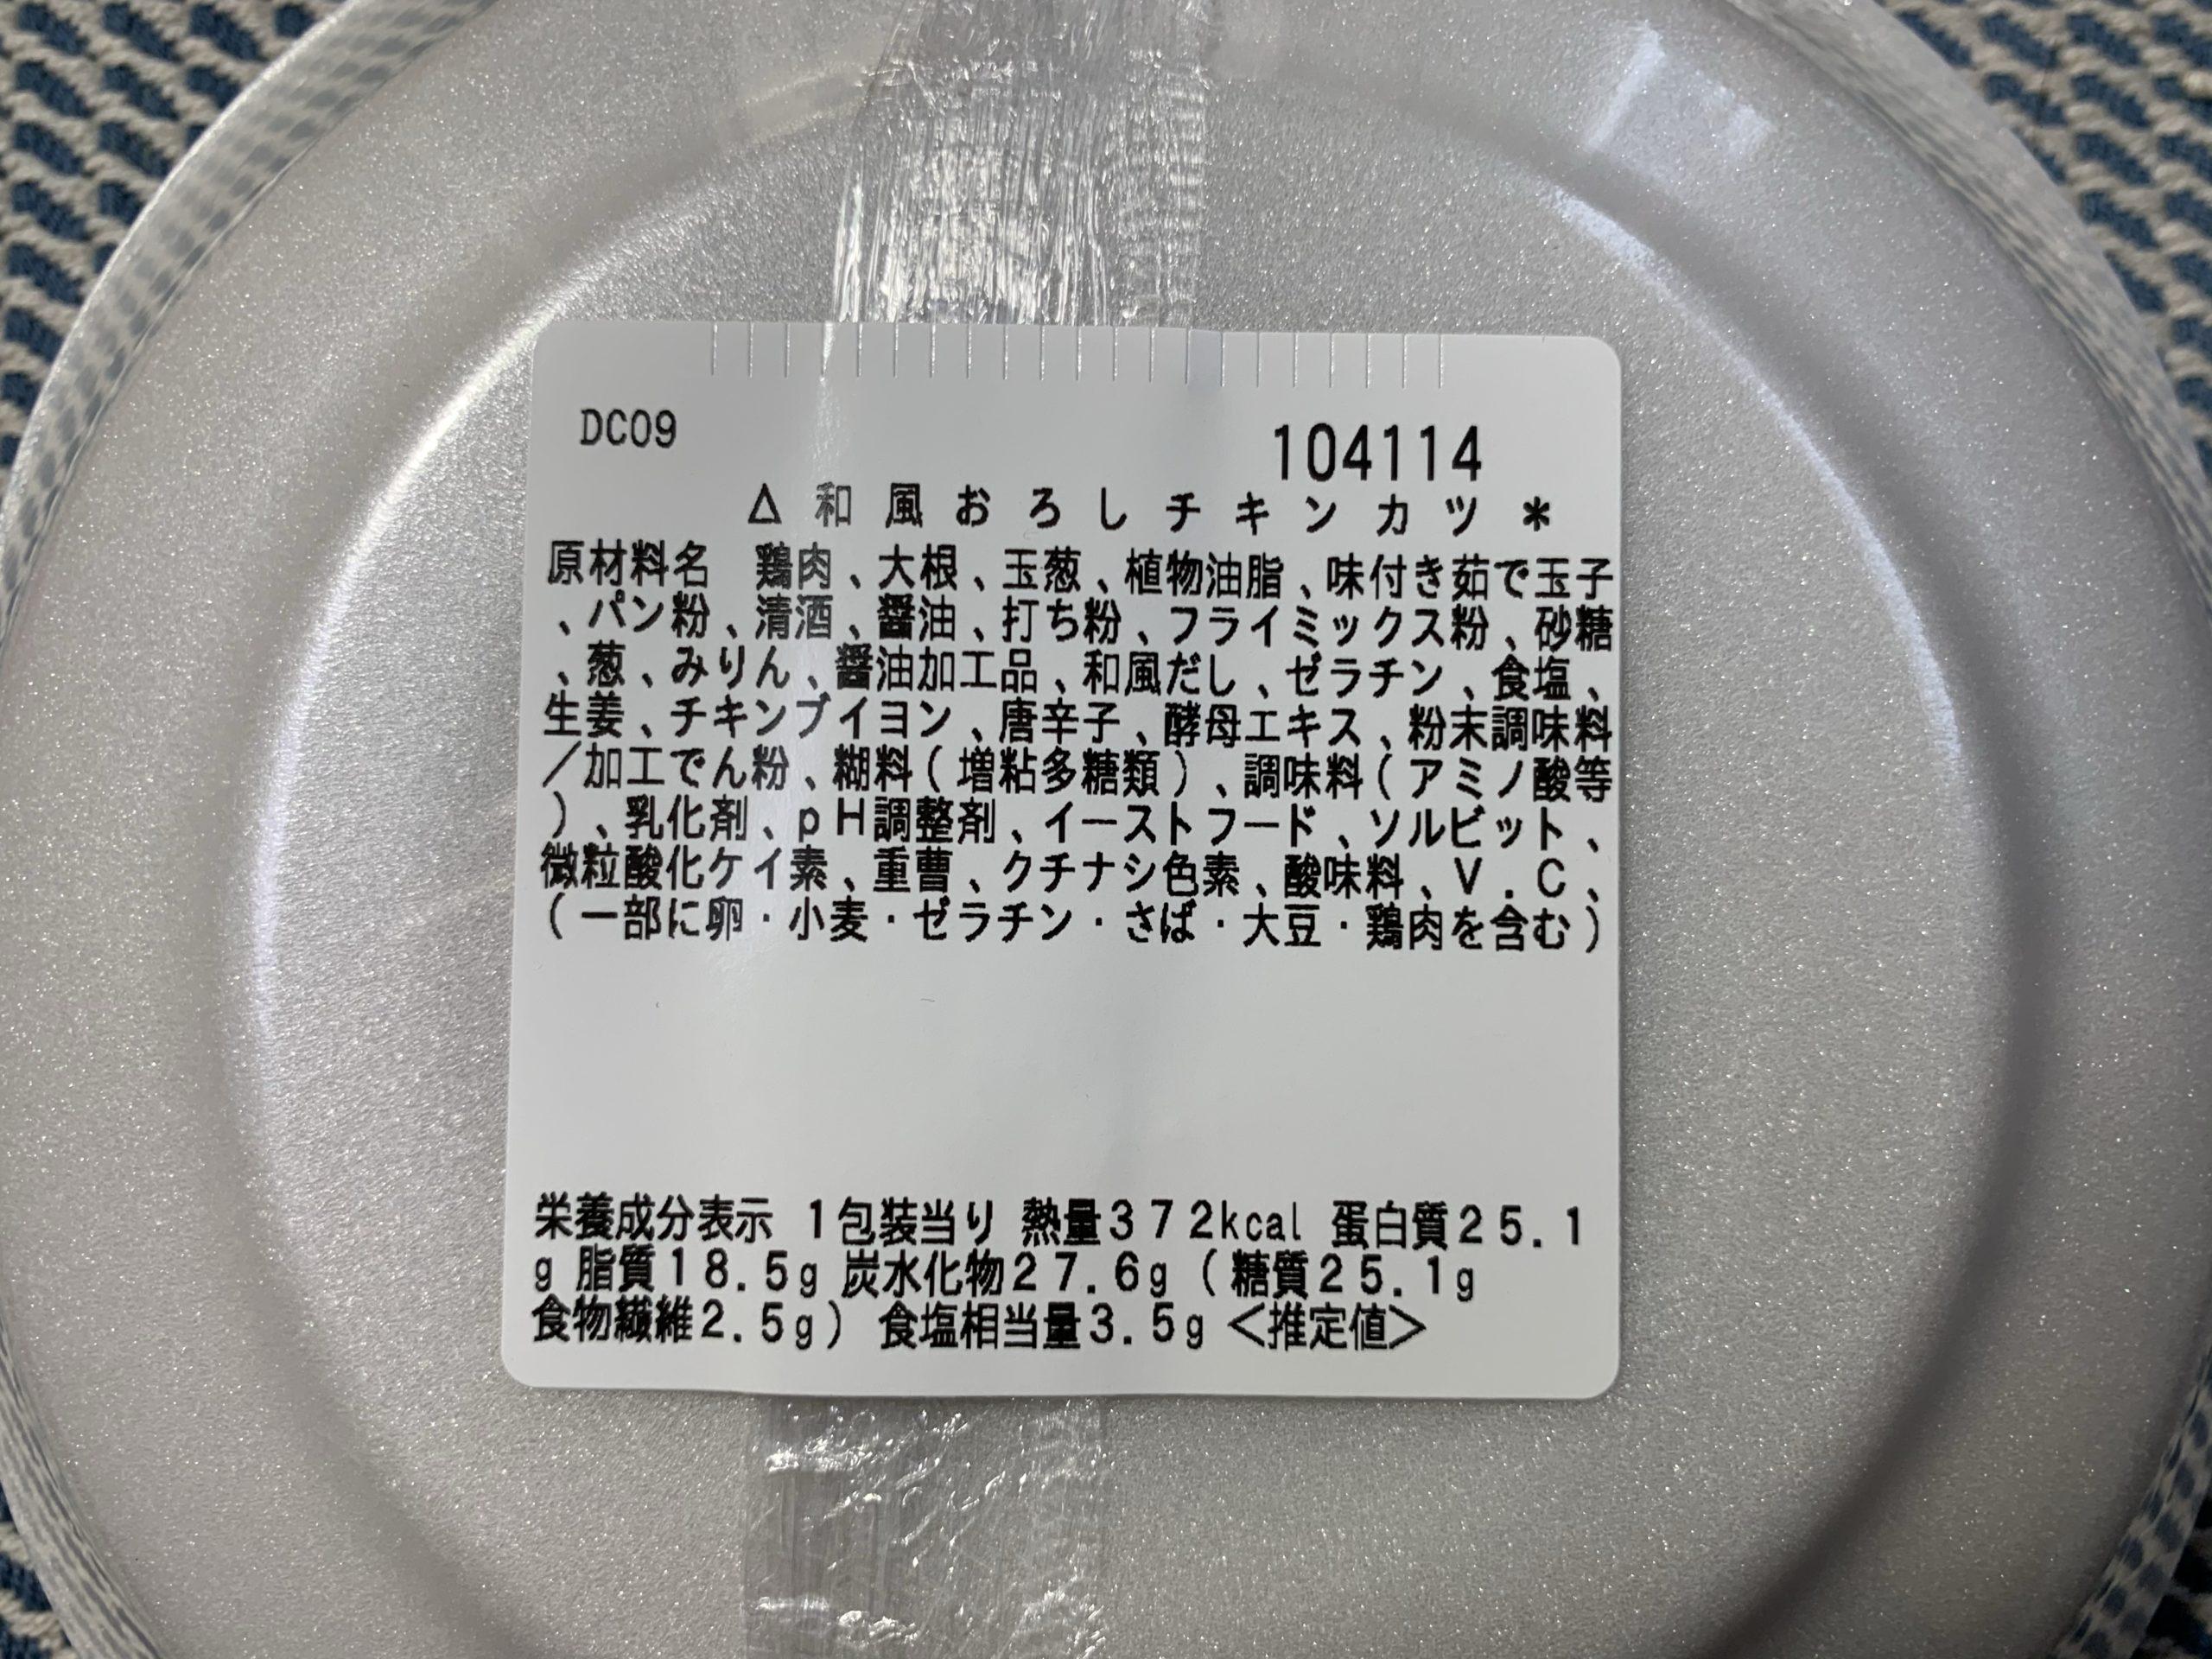 和風おろしチキンカツの原材料・栄養成分